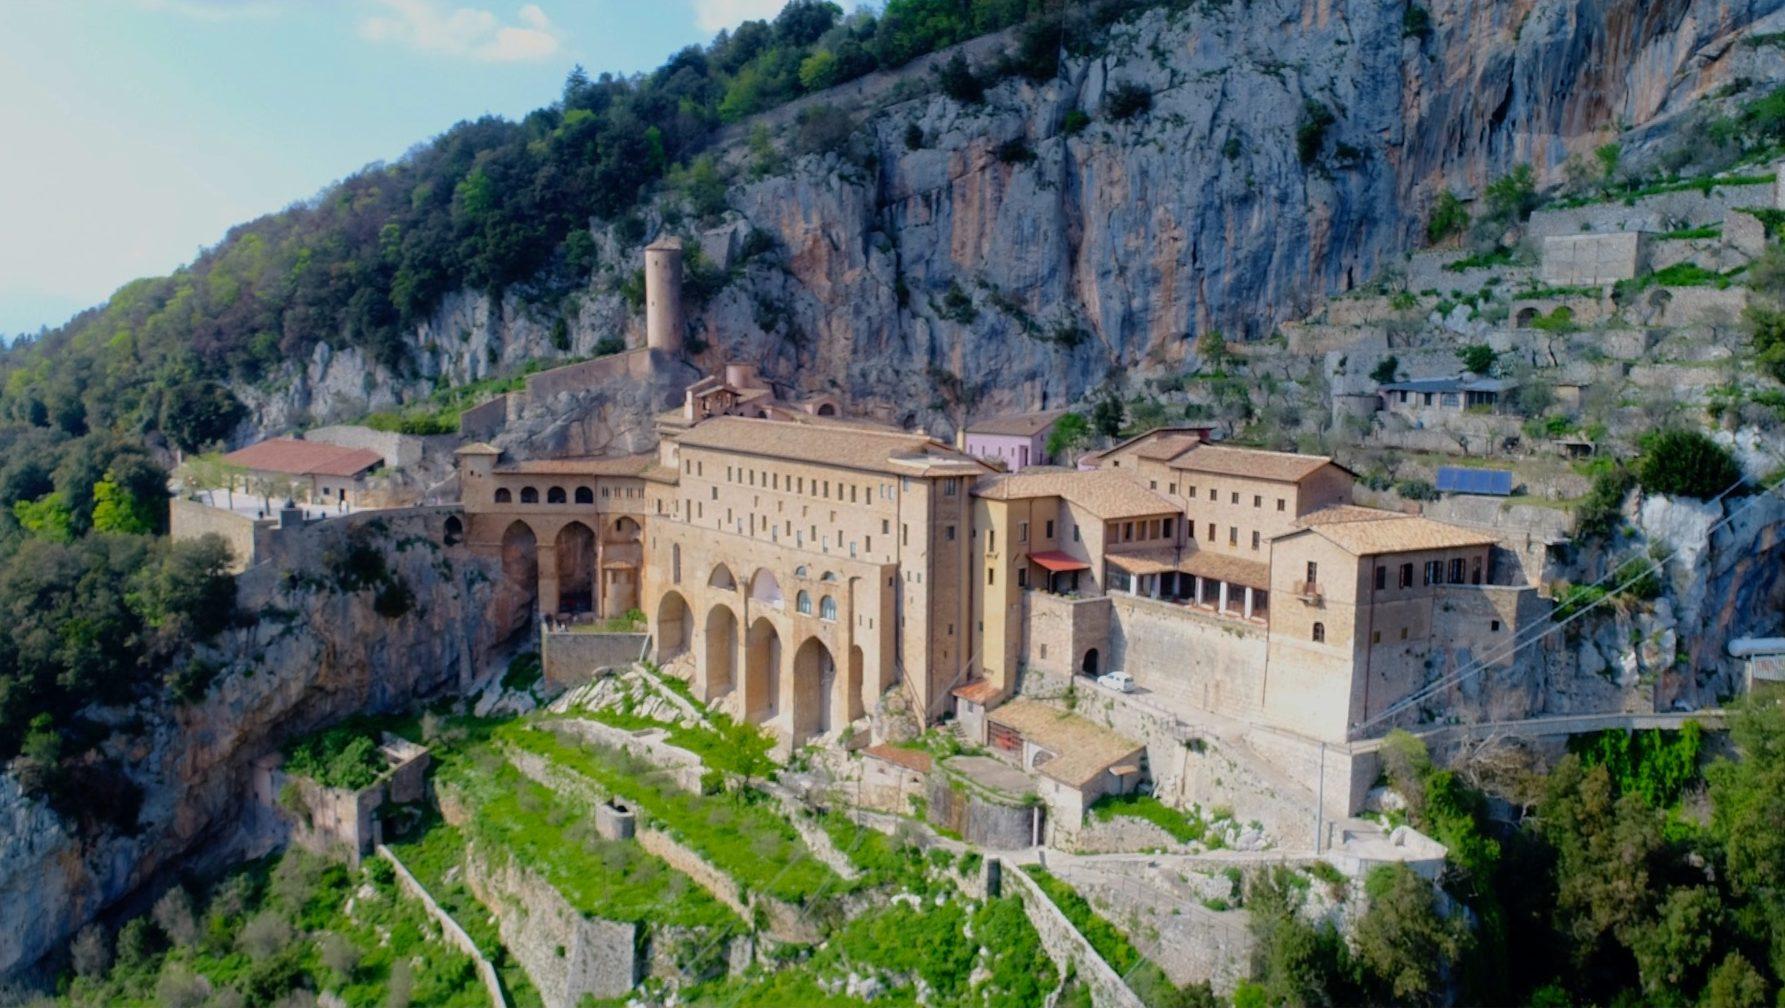 riprese fotografie aeree droni lazio monastero san benedetto sacro speco